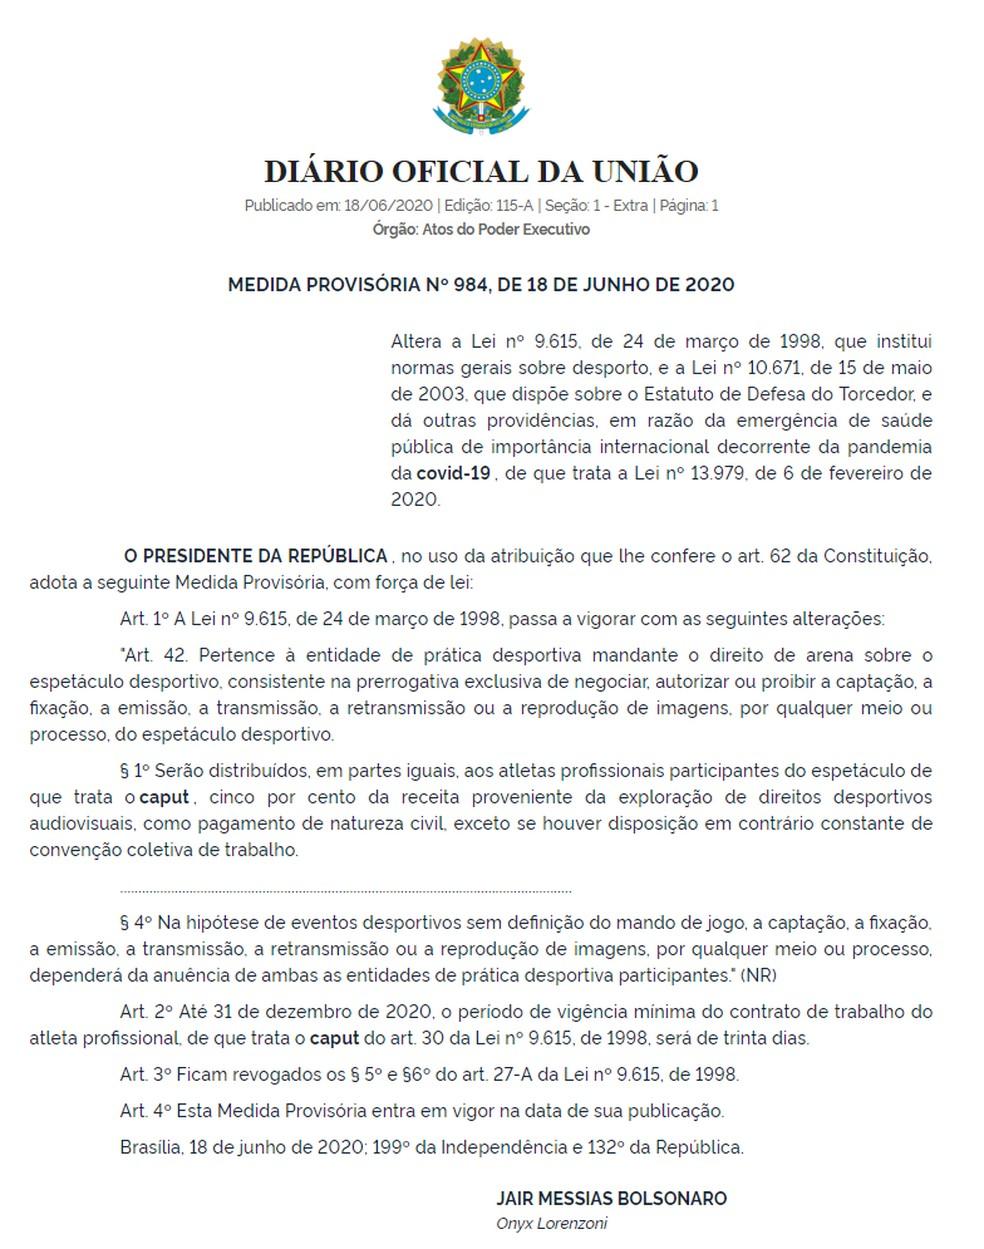 Medida Provisória que altera regras no esporte brasileiro.